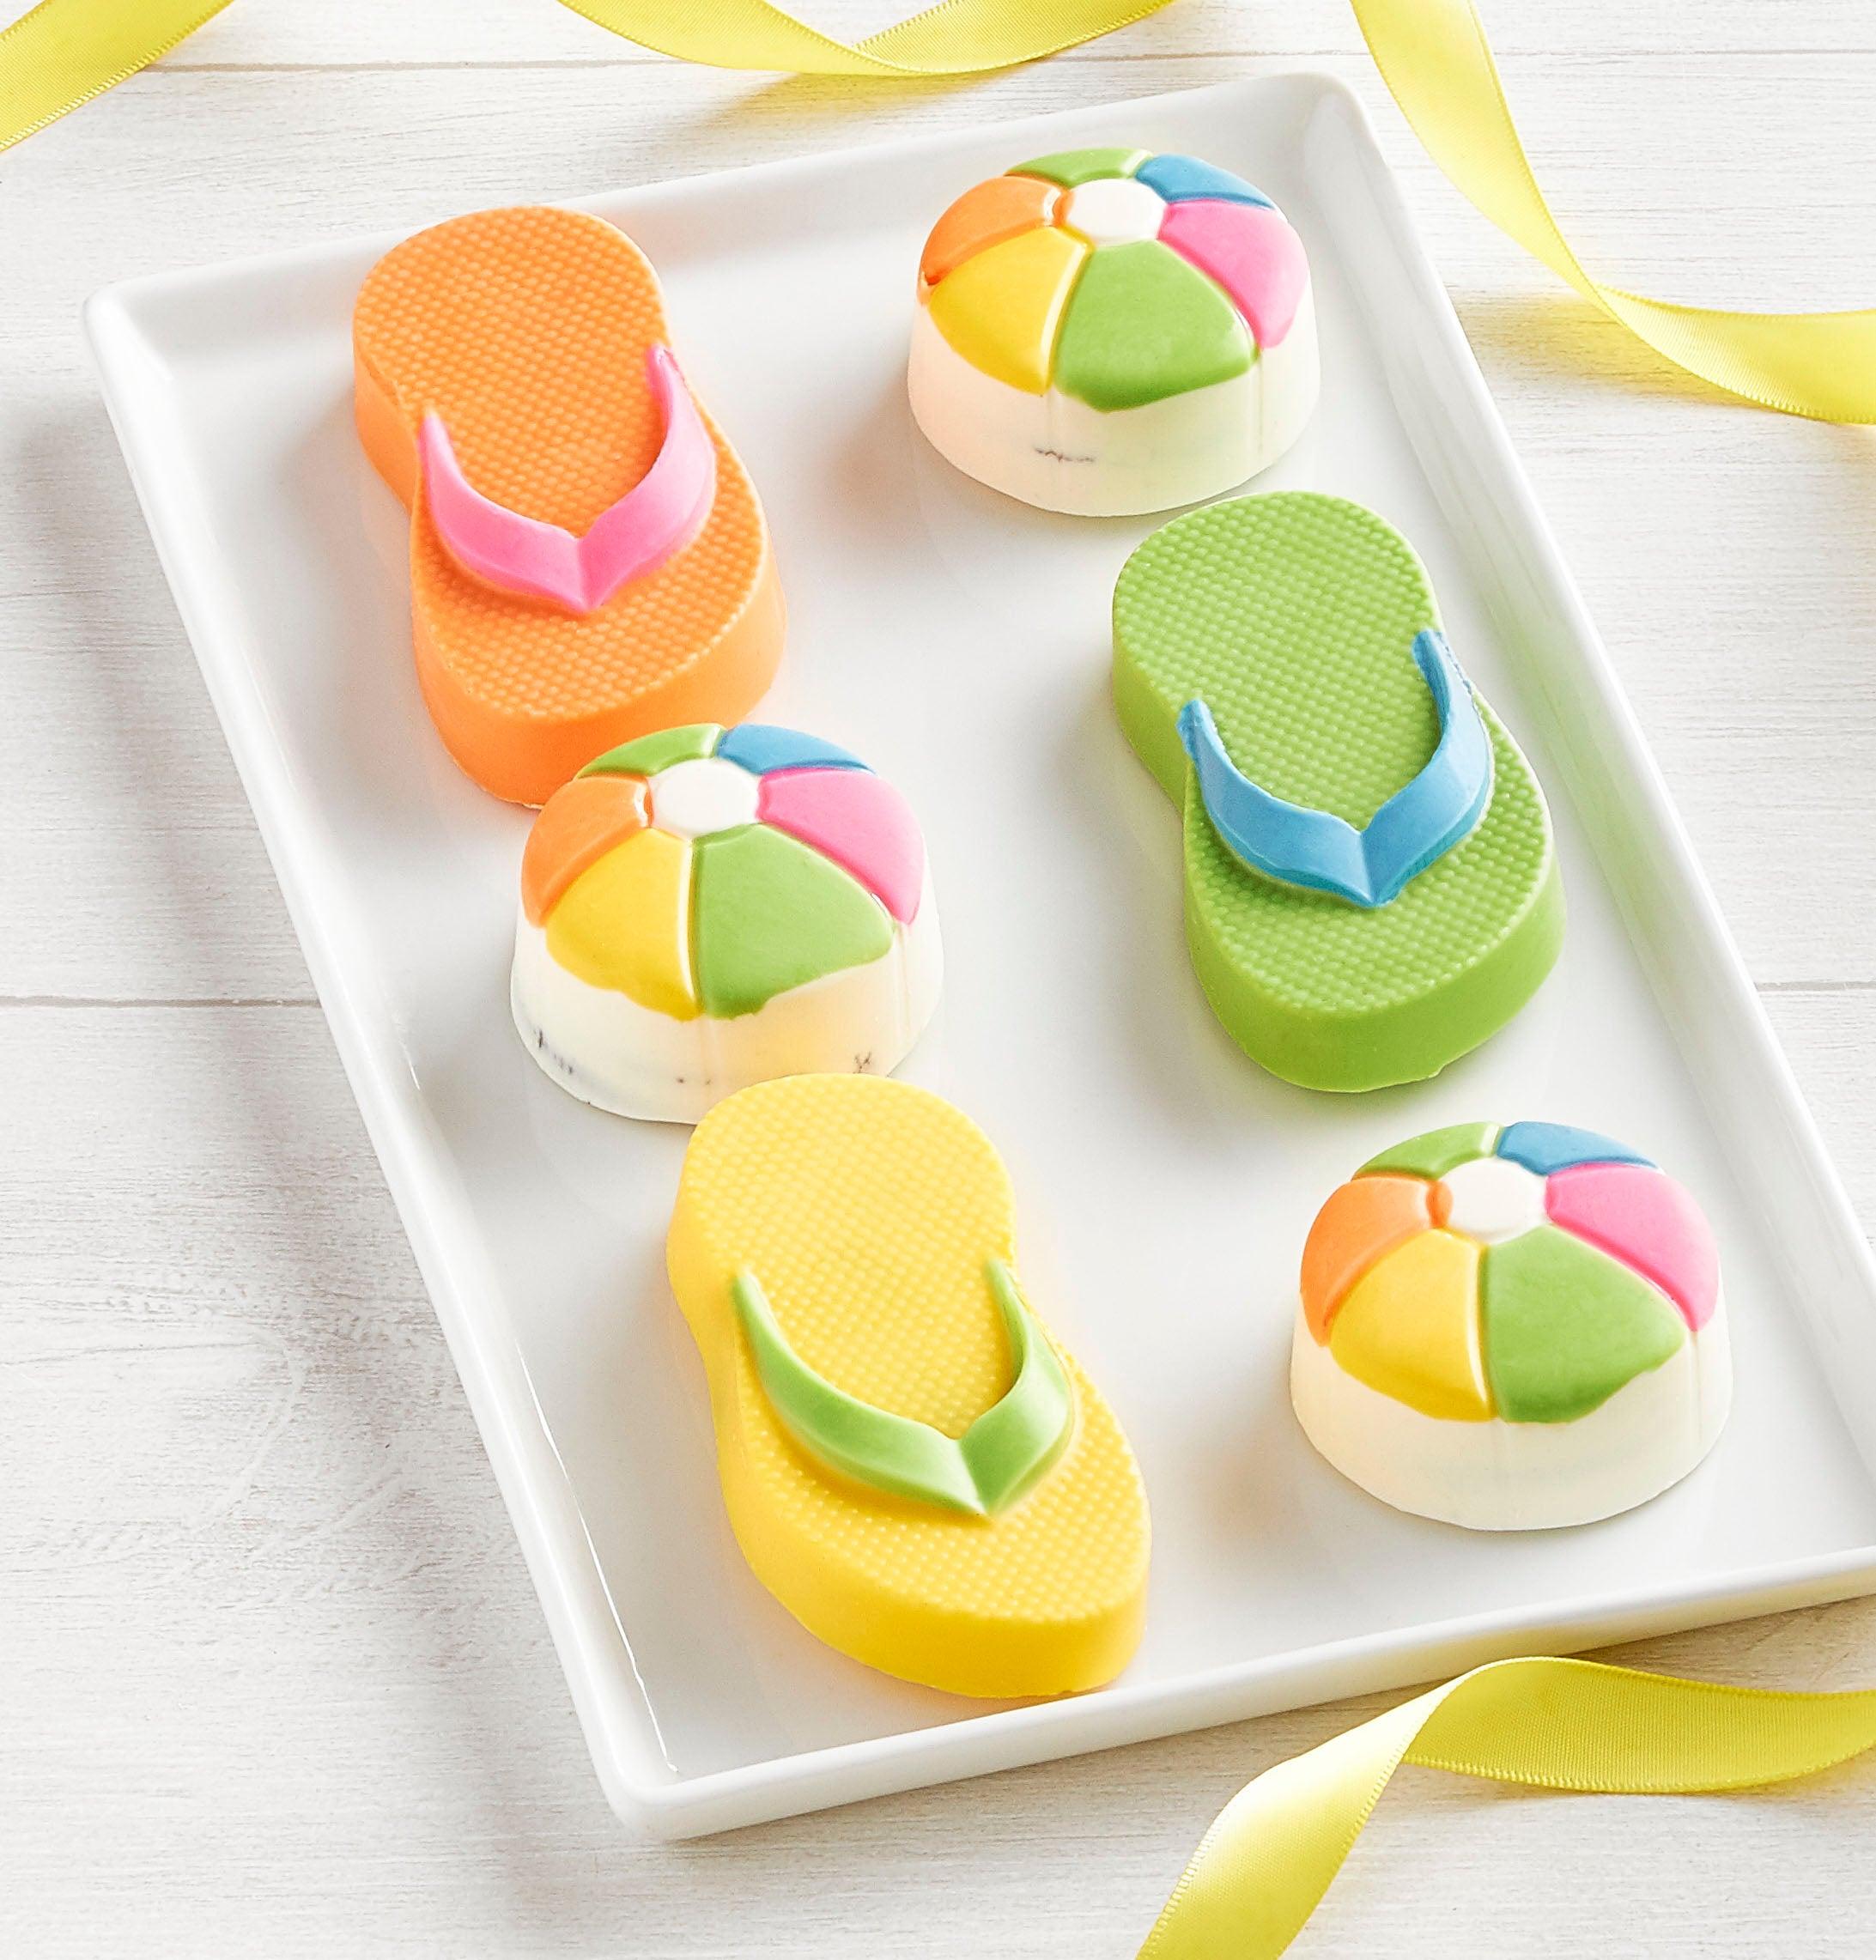 Flip Flops 'n Beach Balls Oreo® Cookies-Flip Flops 'n Beach Balls Oreo® Cookies